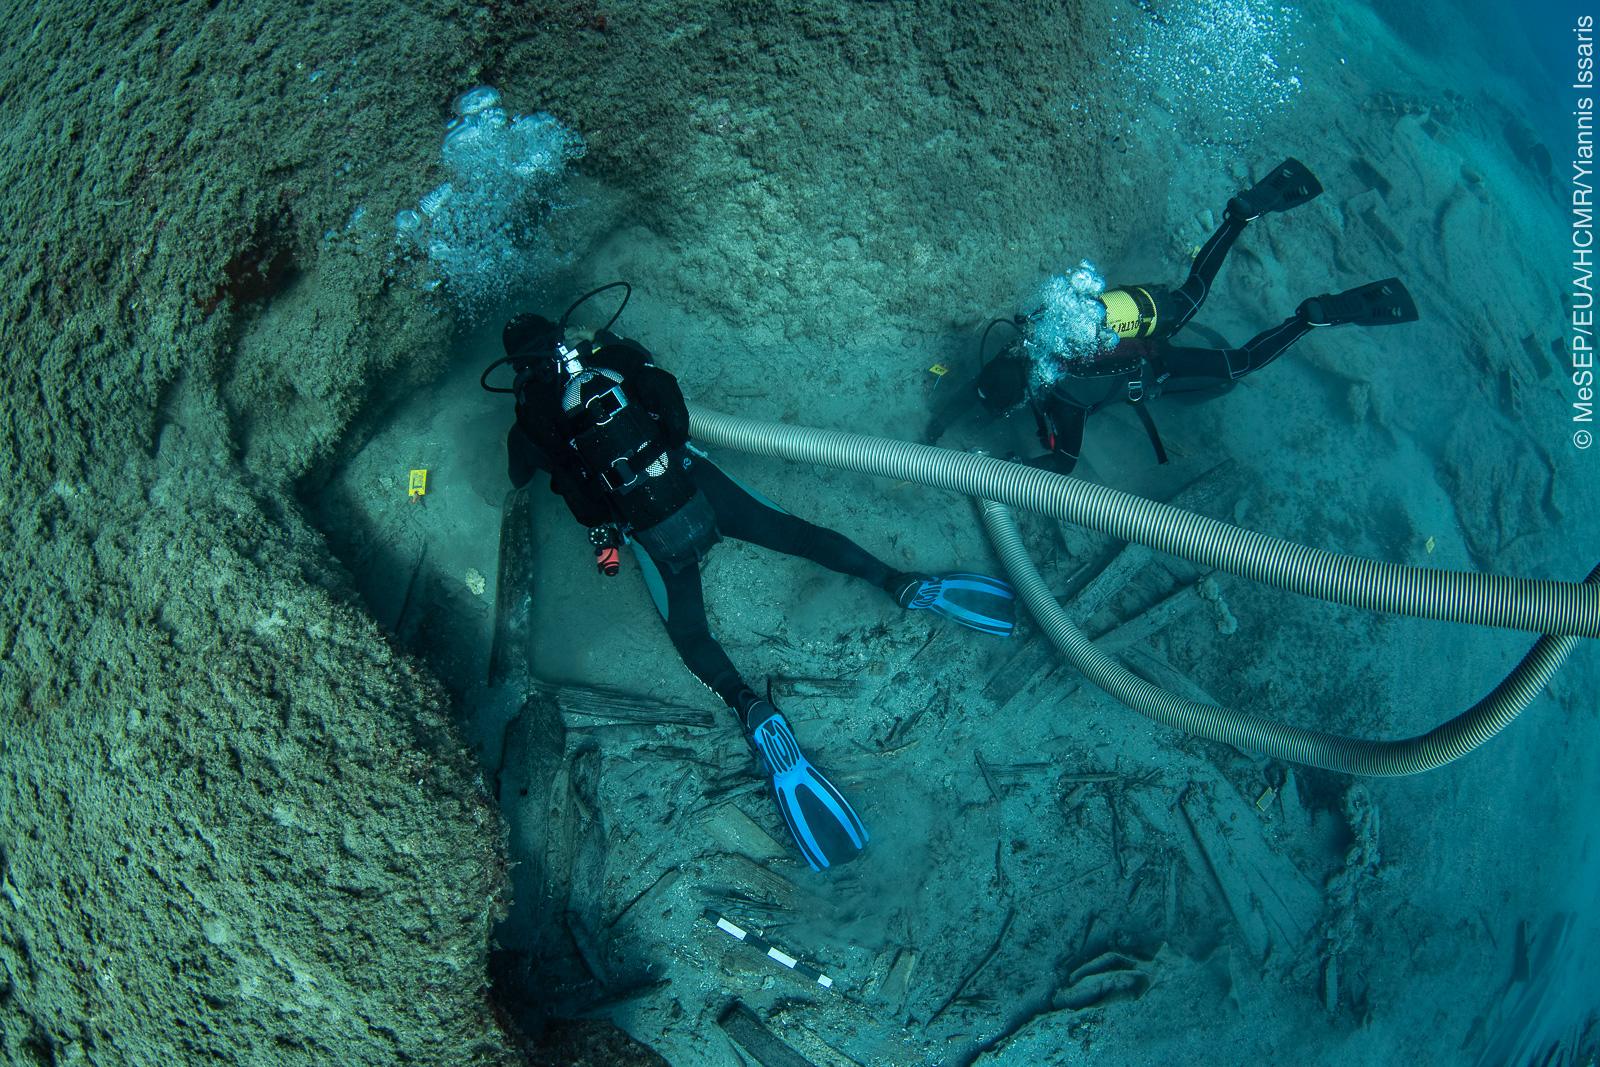 Ναυάγιο ΜΕΝΤΩΡ: Εντυπωσιακές εικόνες από τα αποτελέσματα της υποβρύχιας αρχαιολογικής έρευνας (pics)